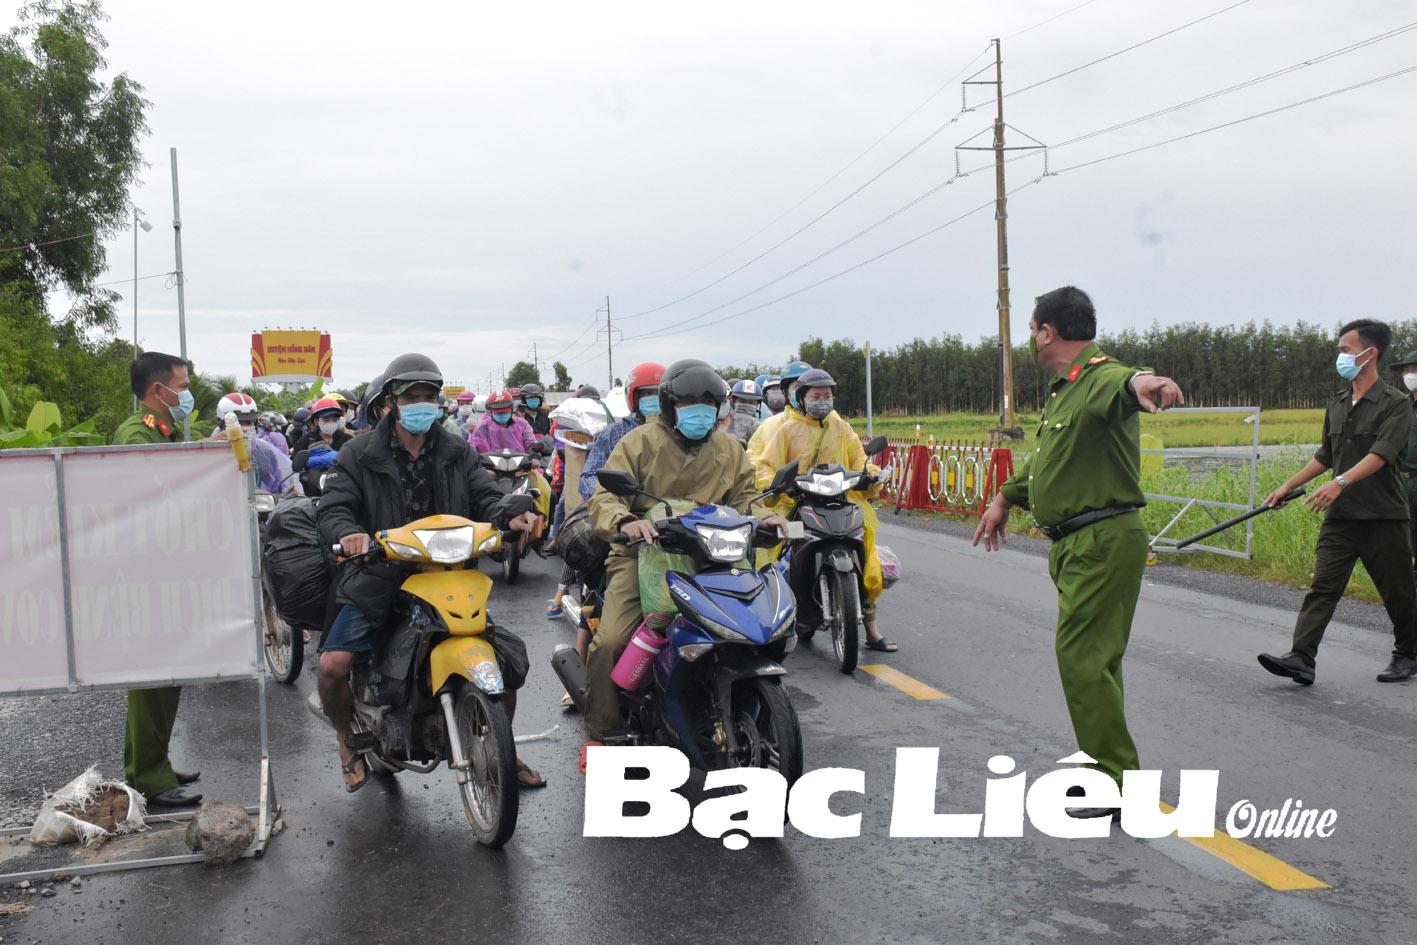 Người vào địa bàn tỉnh Bạc Liêu: Phải tuân thủ các quy định theo từng cấp độ